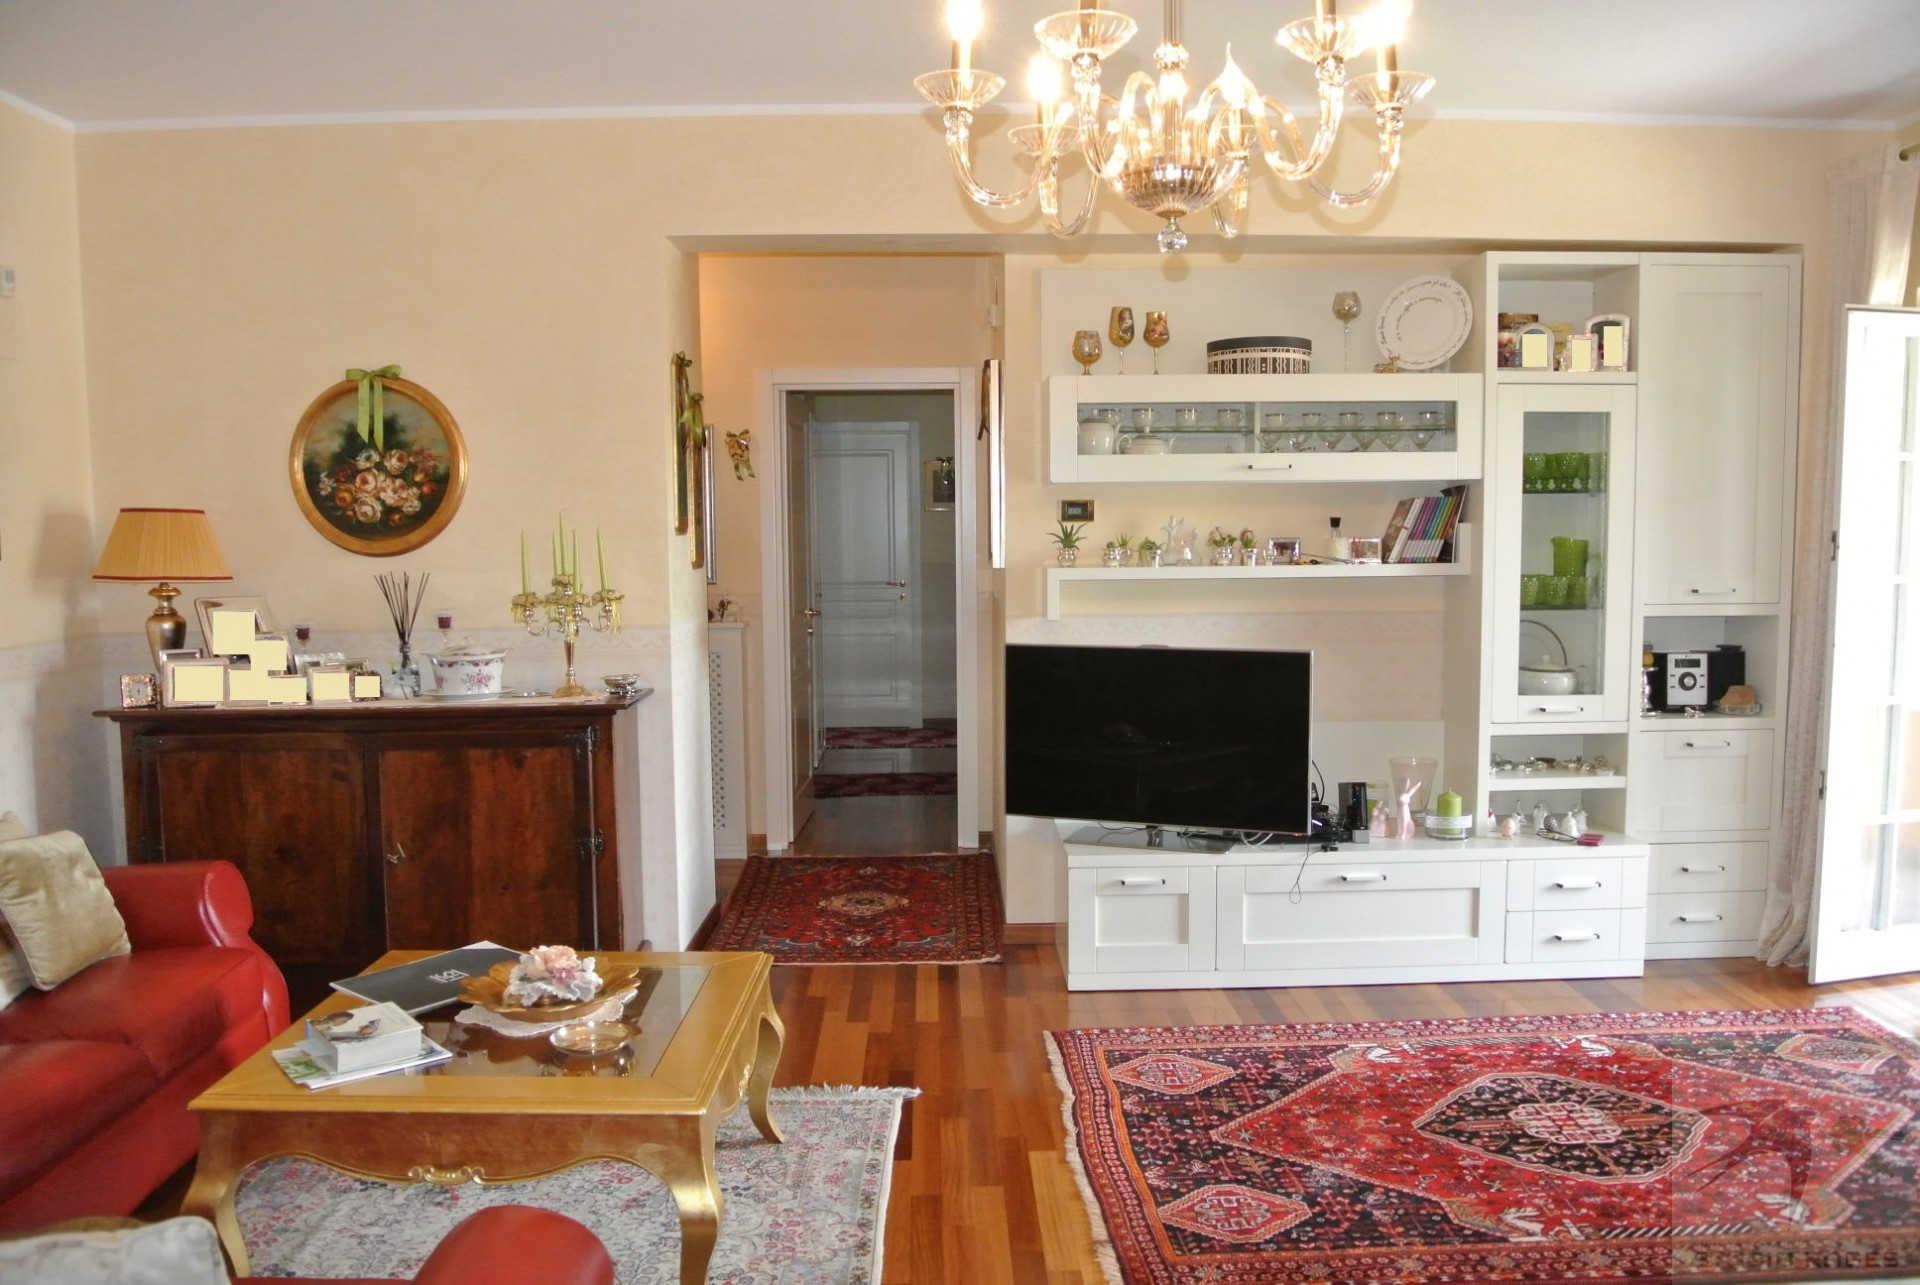 Appartamento in Vendita 128,11 mq - N. camere: 4 - - Rende - Saporito-Surdo-Malvitani (CS)